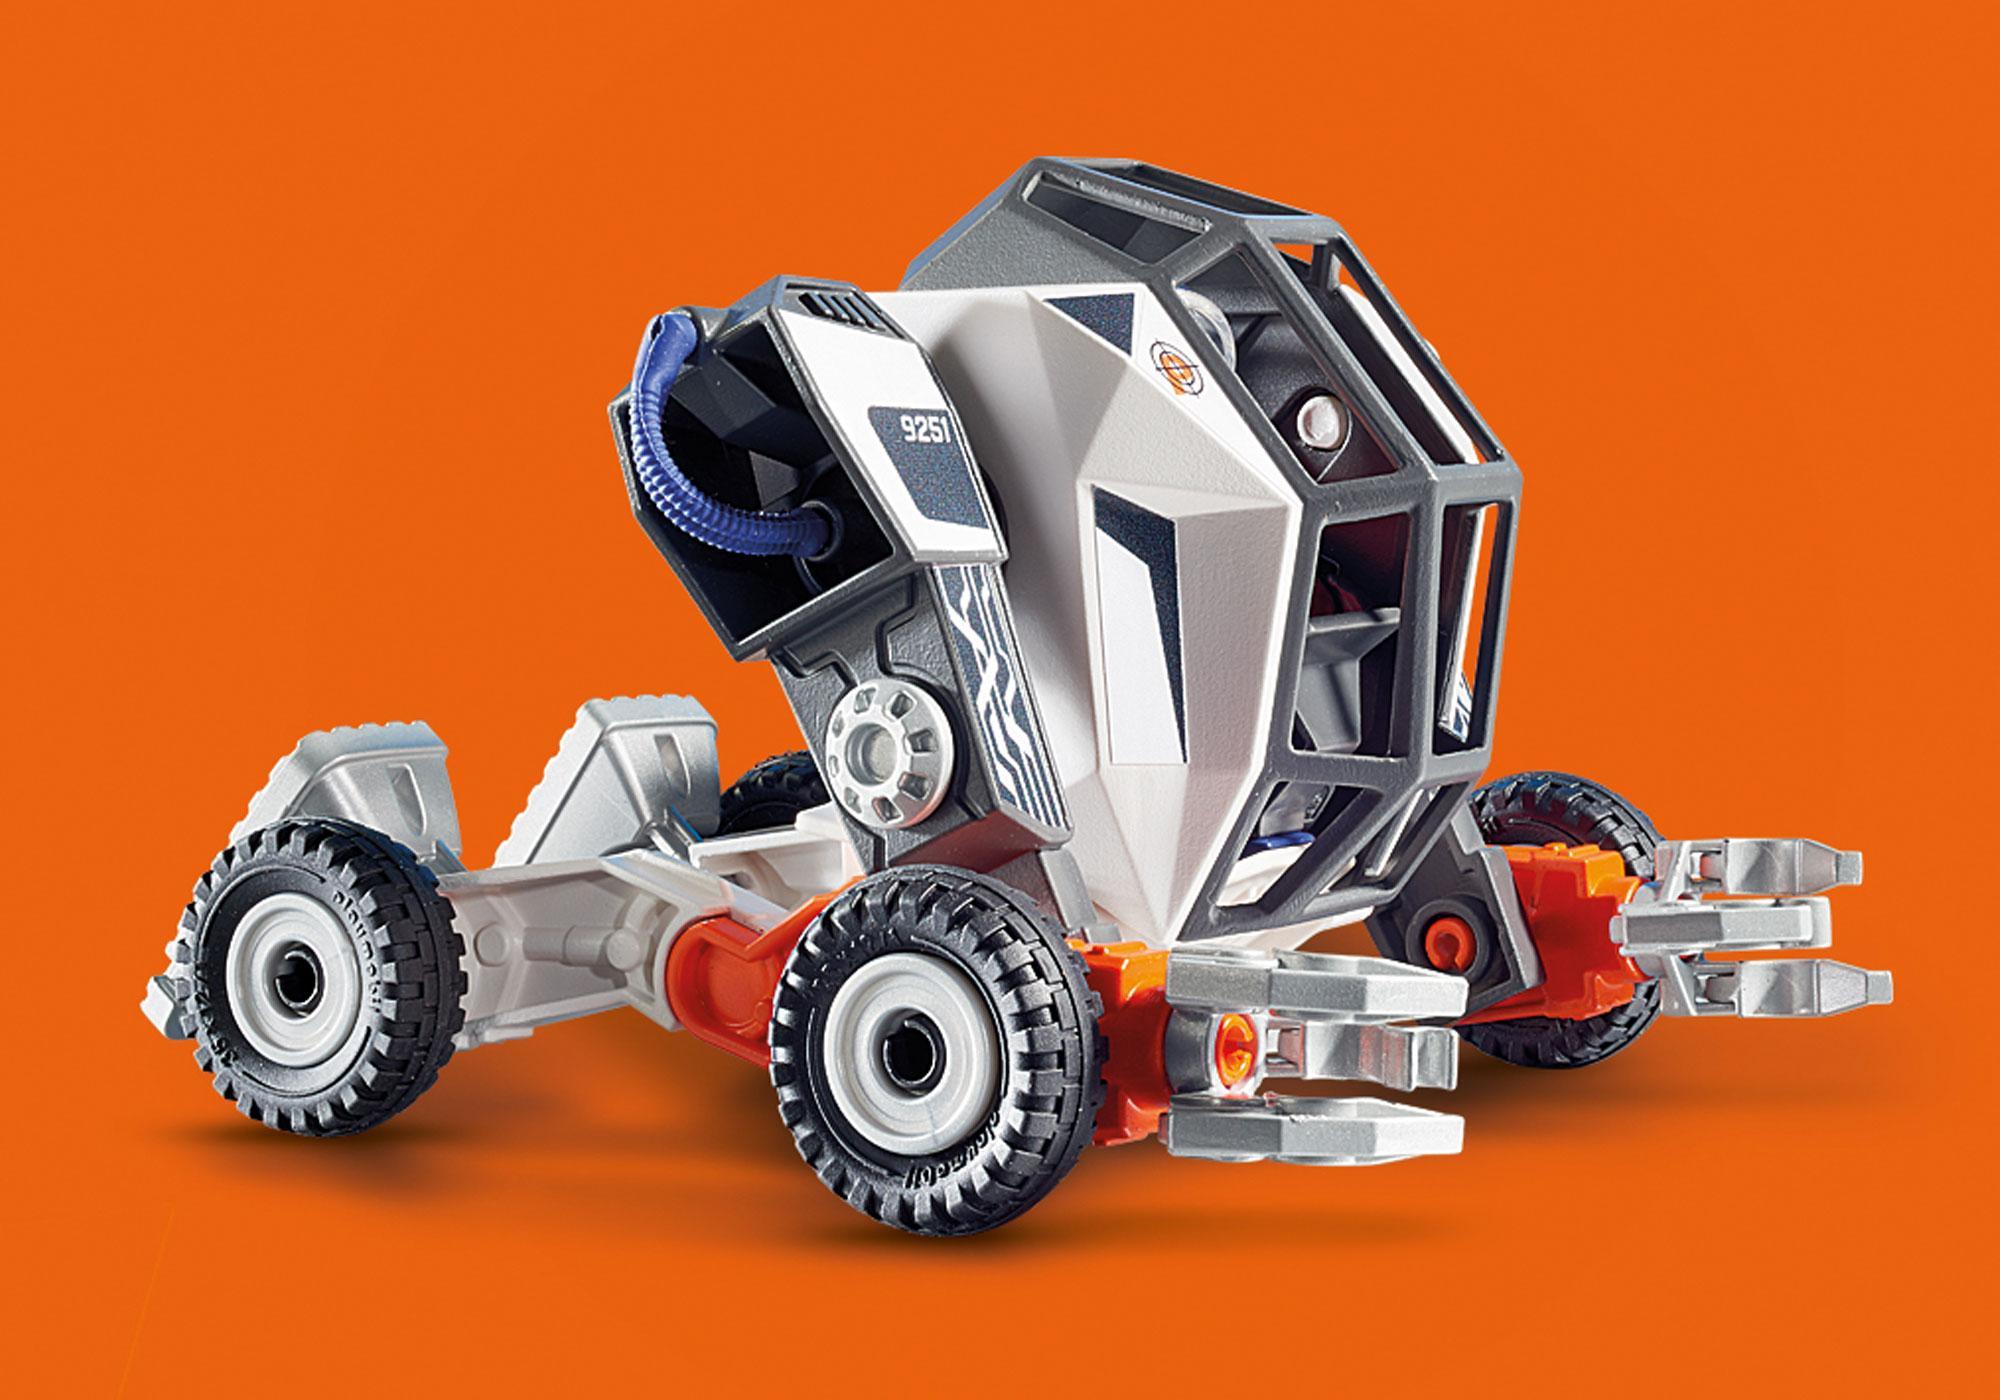 http://media.playmobil.com/i/playmobil/9251_product_extra3/Chef de la Spy Team avec Robot Mech